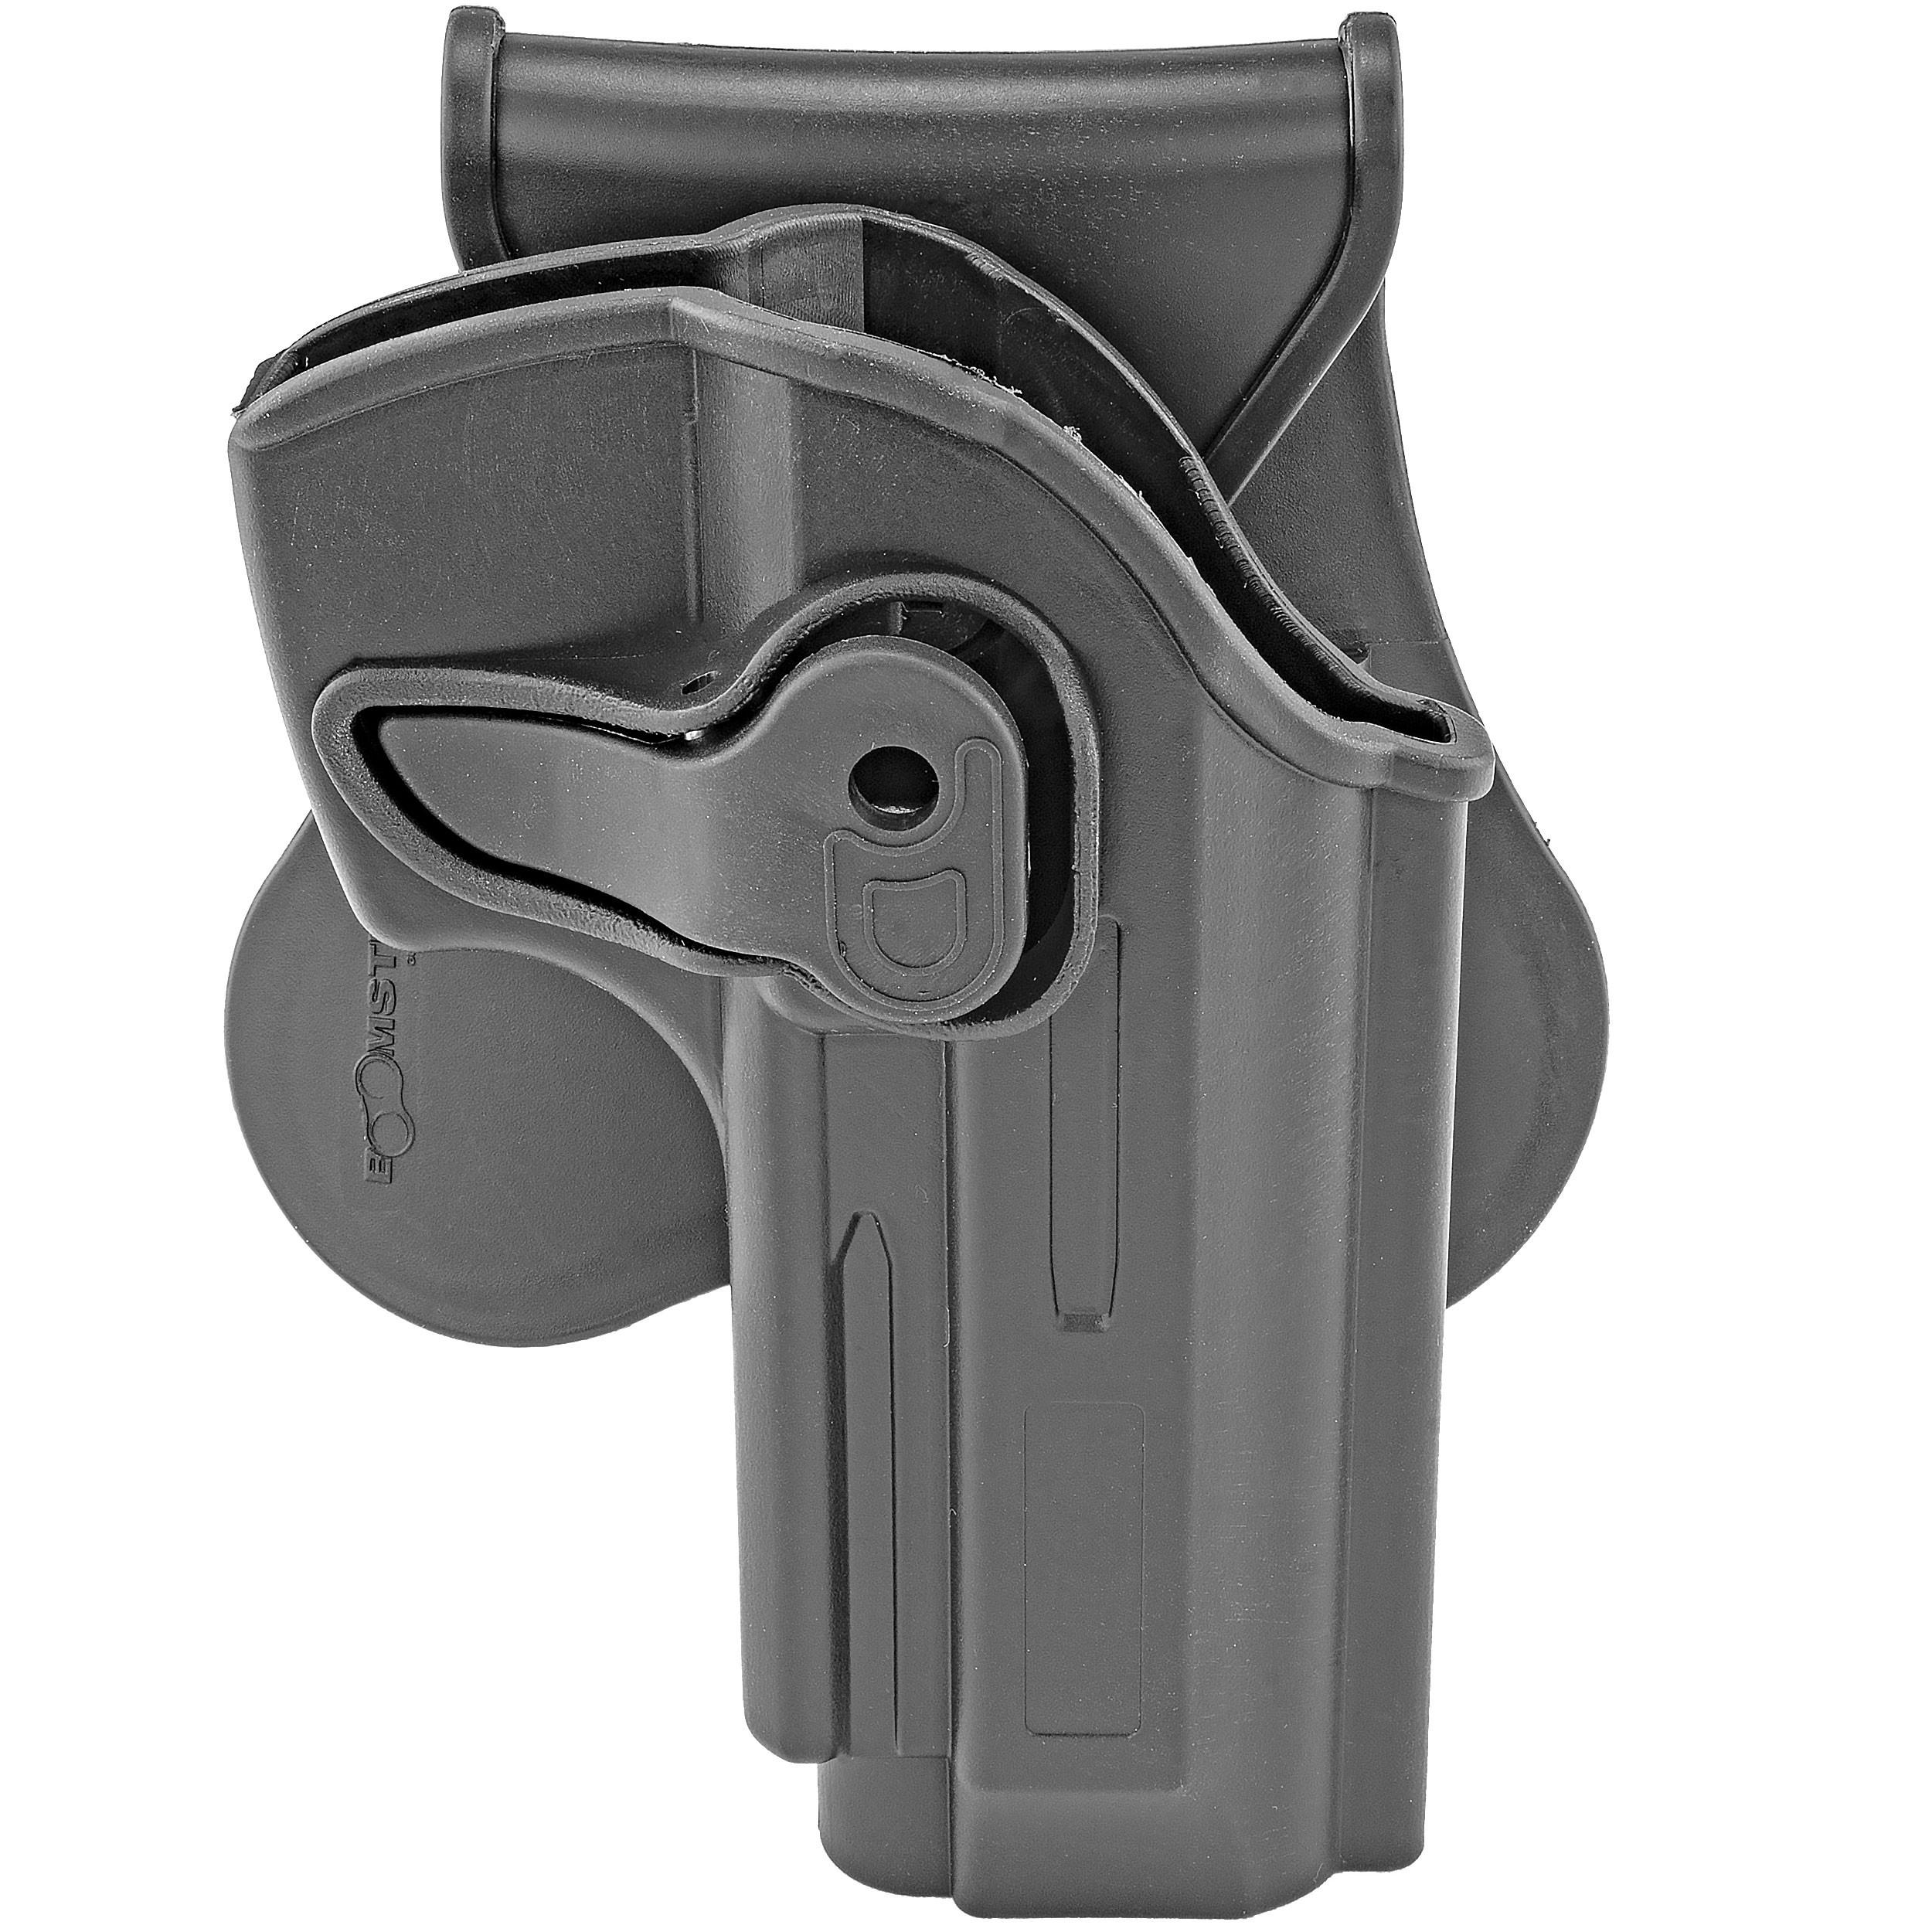 Holster Beretta 92, 92FS Pistol